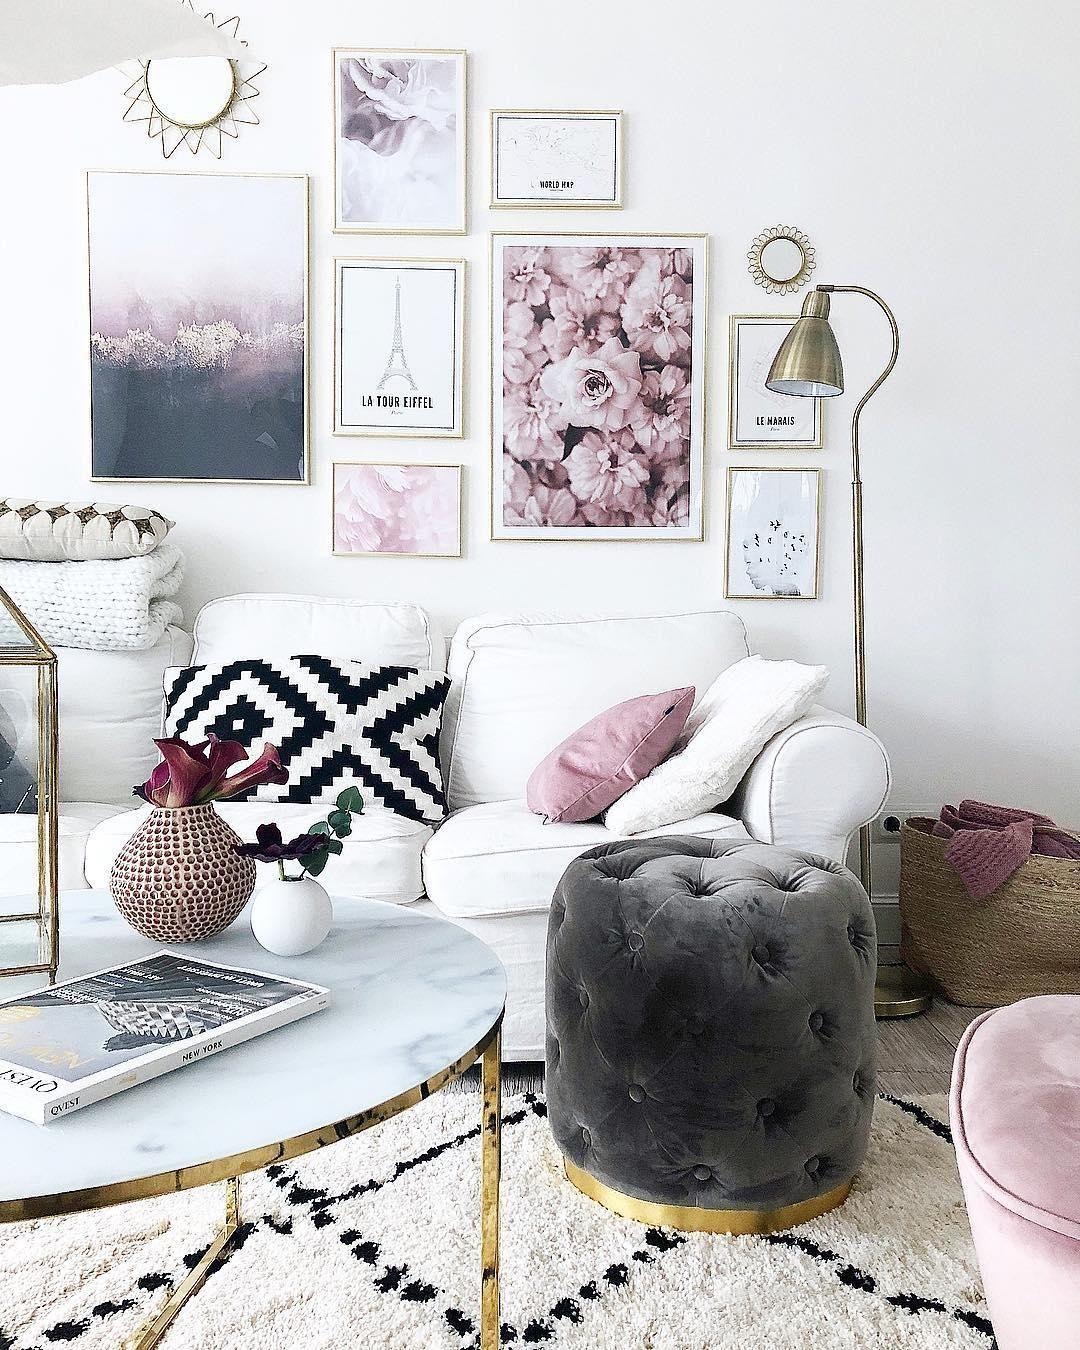 Couchtisch Antigua Mit Glasplatte 美容院 Pinterest Decor Room